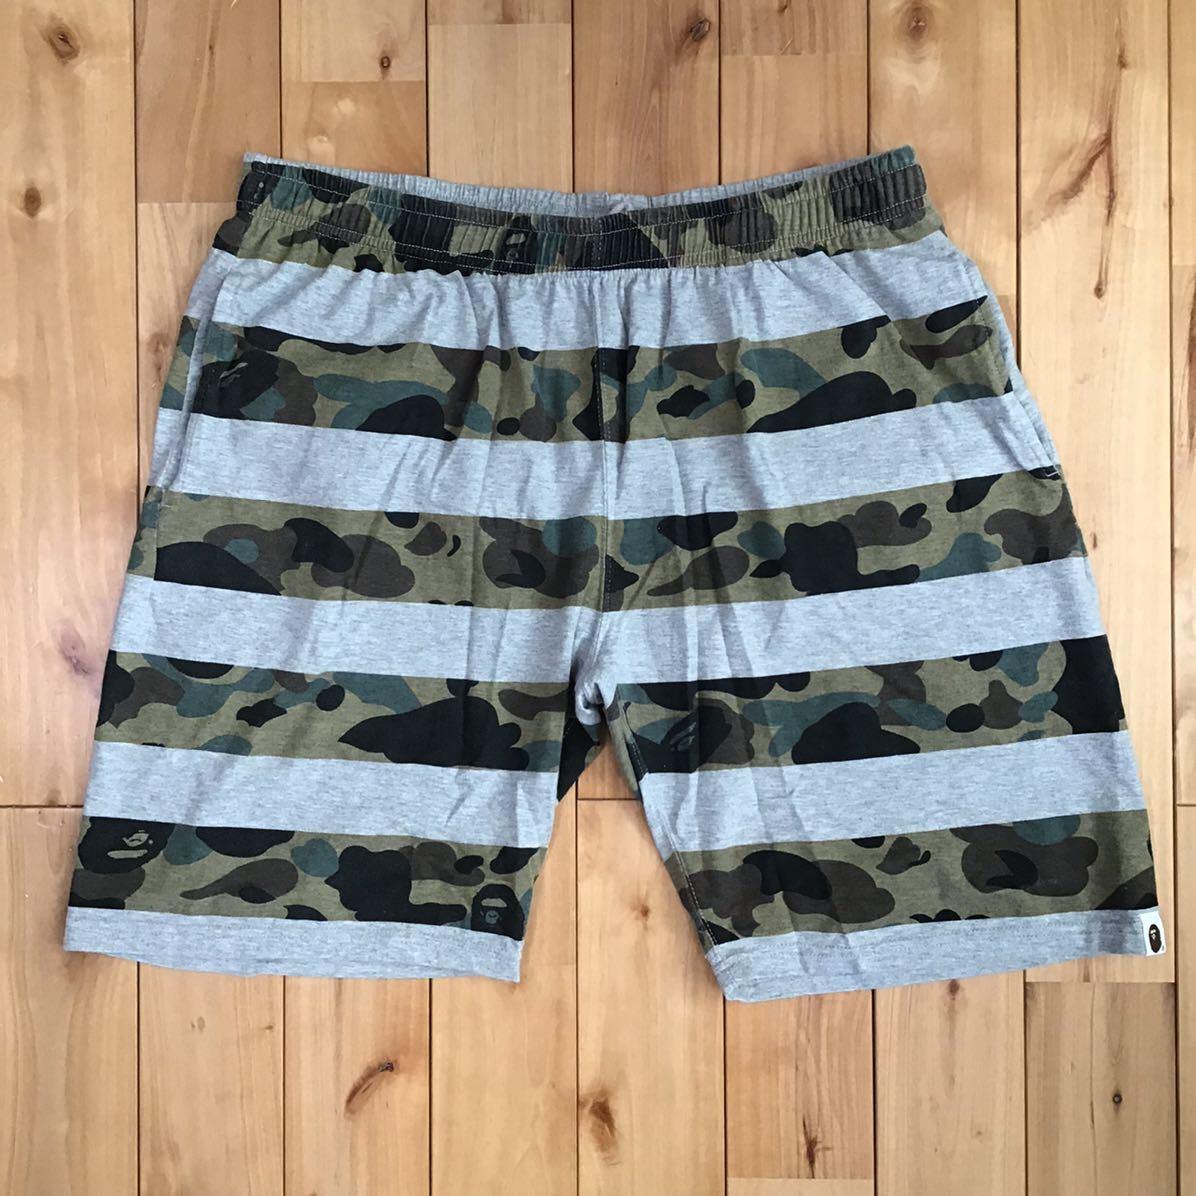 1st camo ボーダー スウェット ハーフパンツ Lサイズ a bathing ape bape エイプ ベイプ アベイシングエイプ ショーツ shorts pants 迷彩